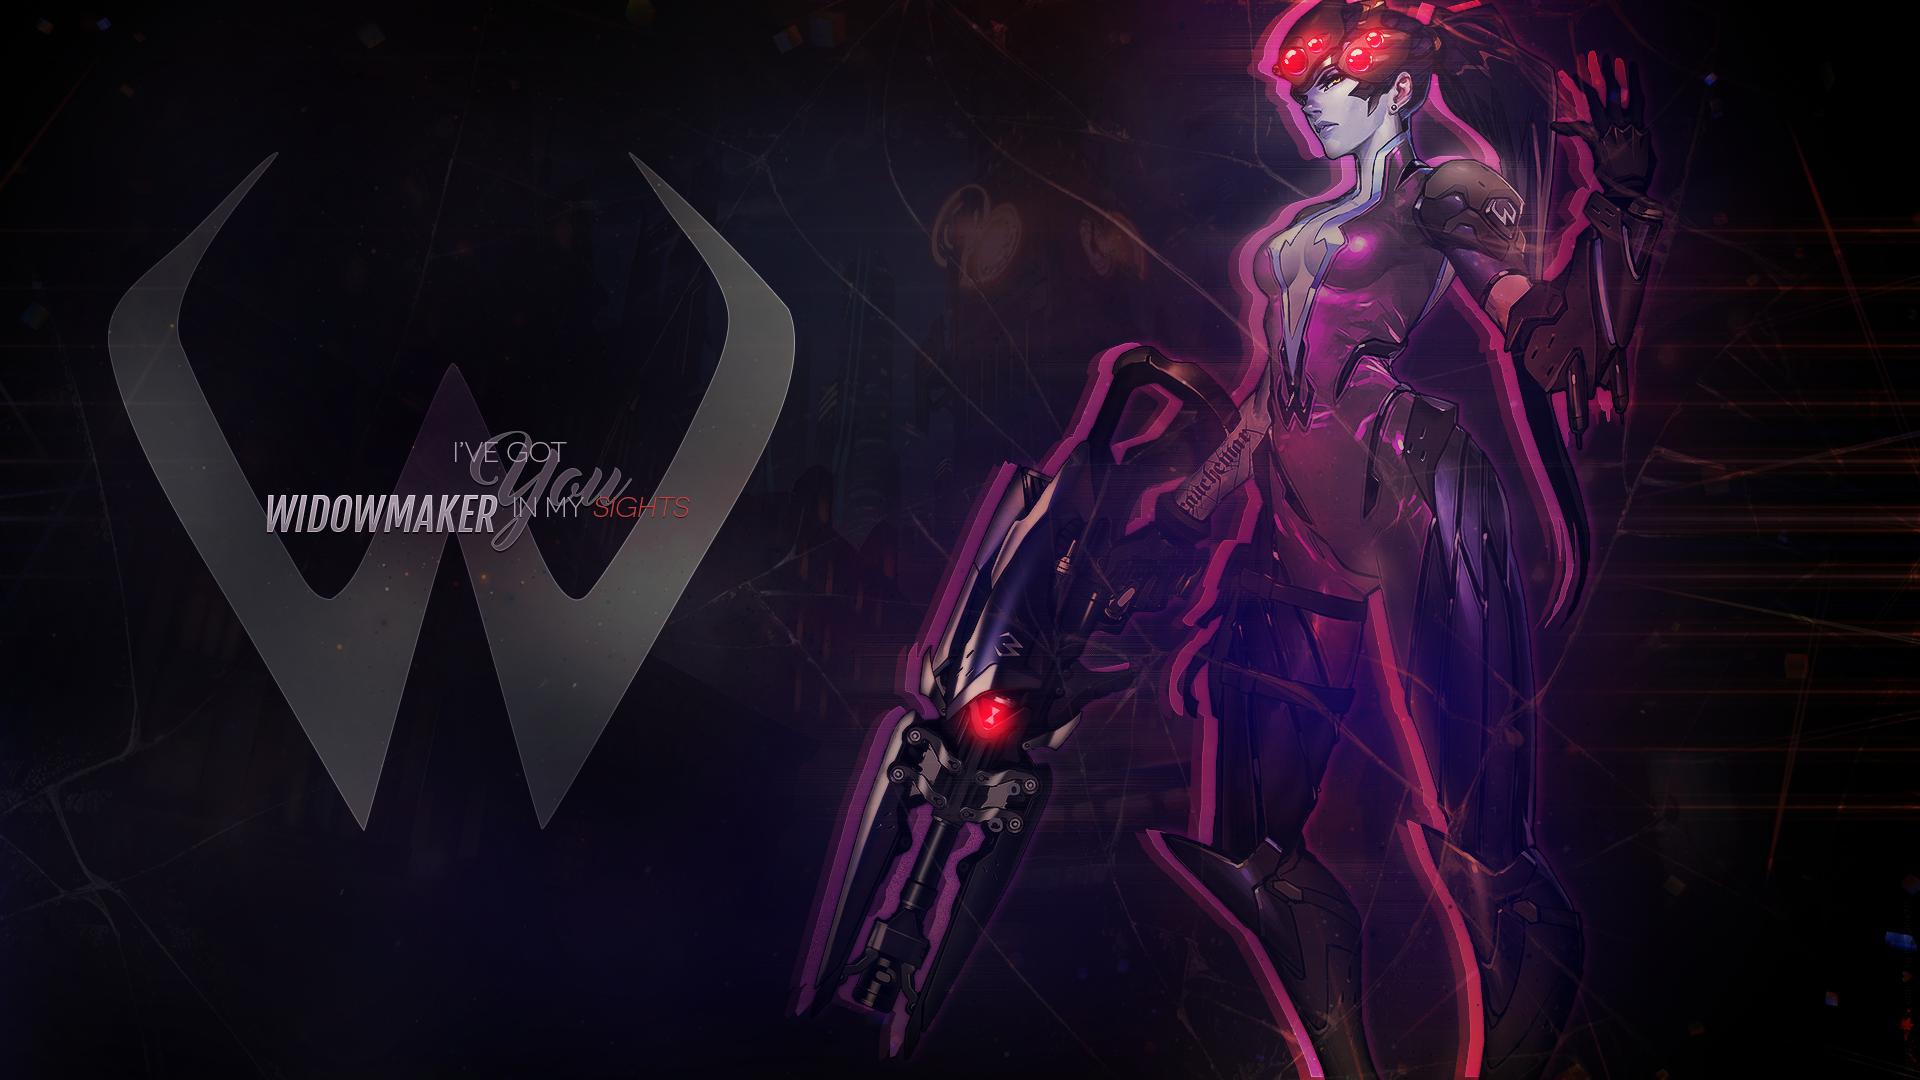 Wallpaper: Overwatch Widowmaker by MirajaneTV